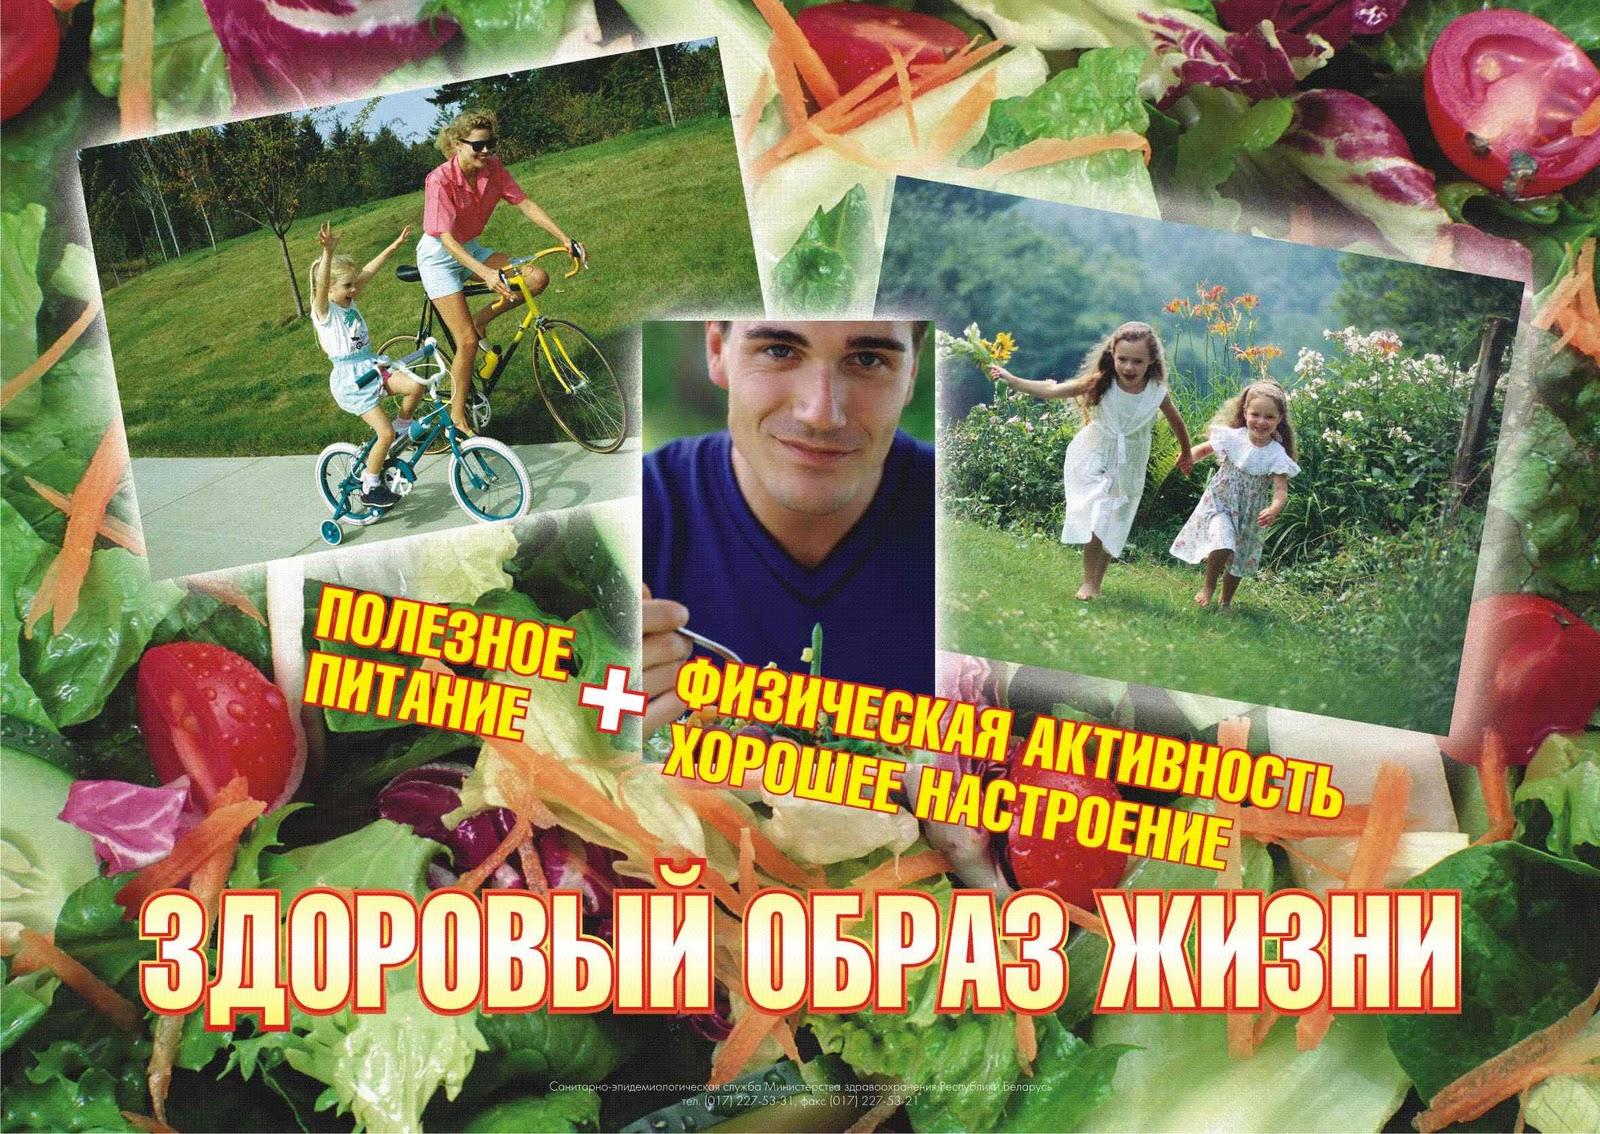 презентация на тему образ жизни современного подростка